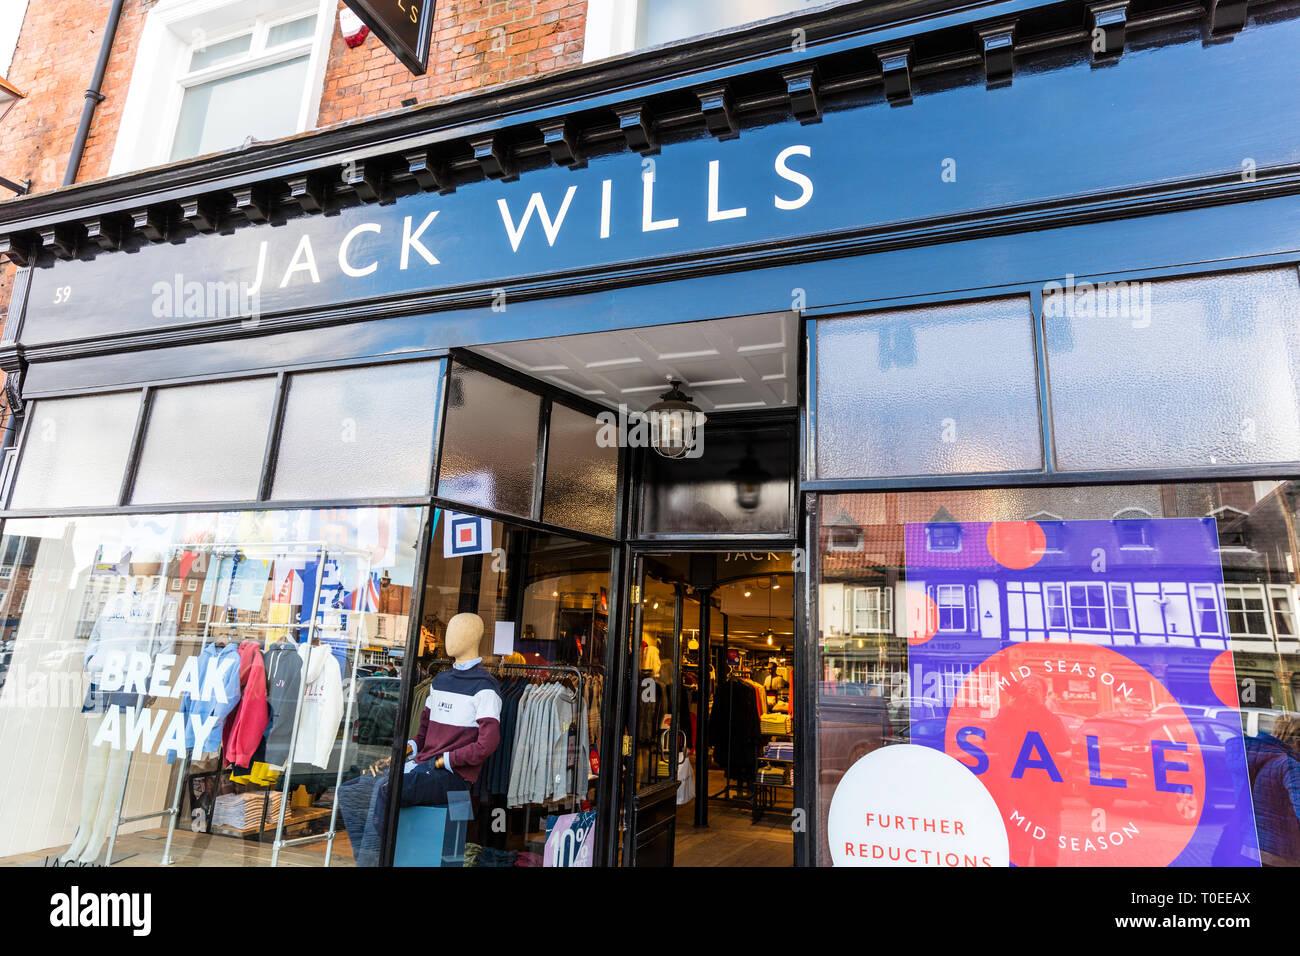 Jack Wills clothing store, Jack Wills shop, Jack Wills store, Jack Wills store front, Jack Wills fashion, Jack Wills, shop, store, UK, sign, logo, Stock Photo